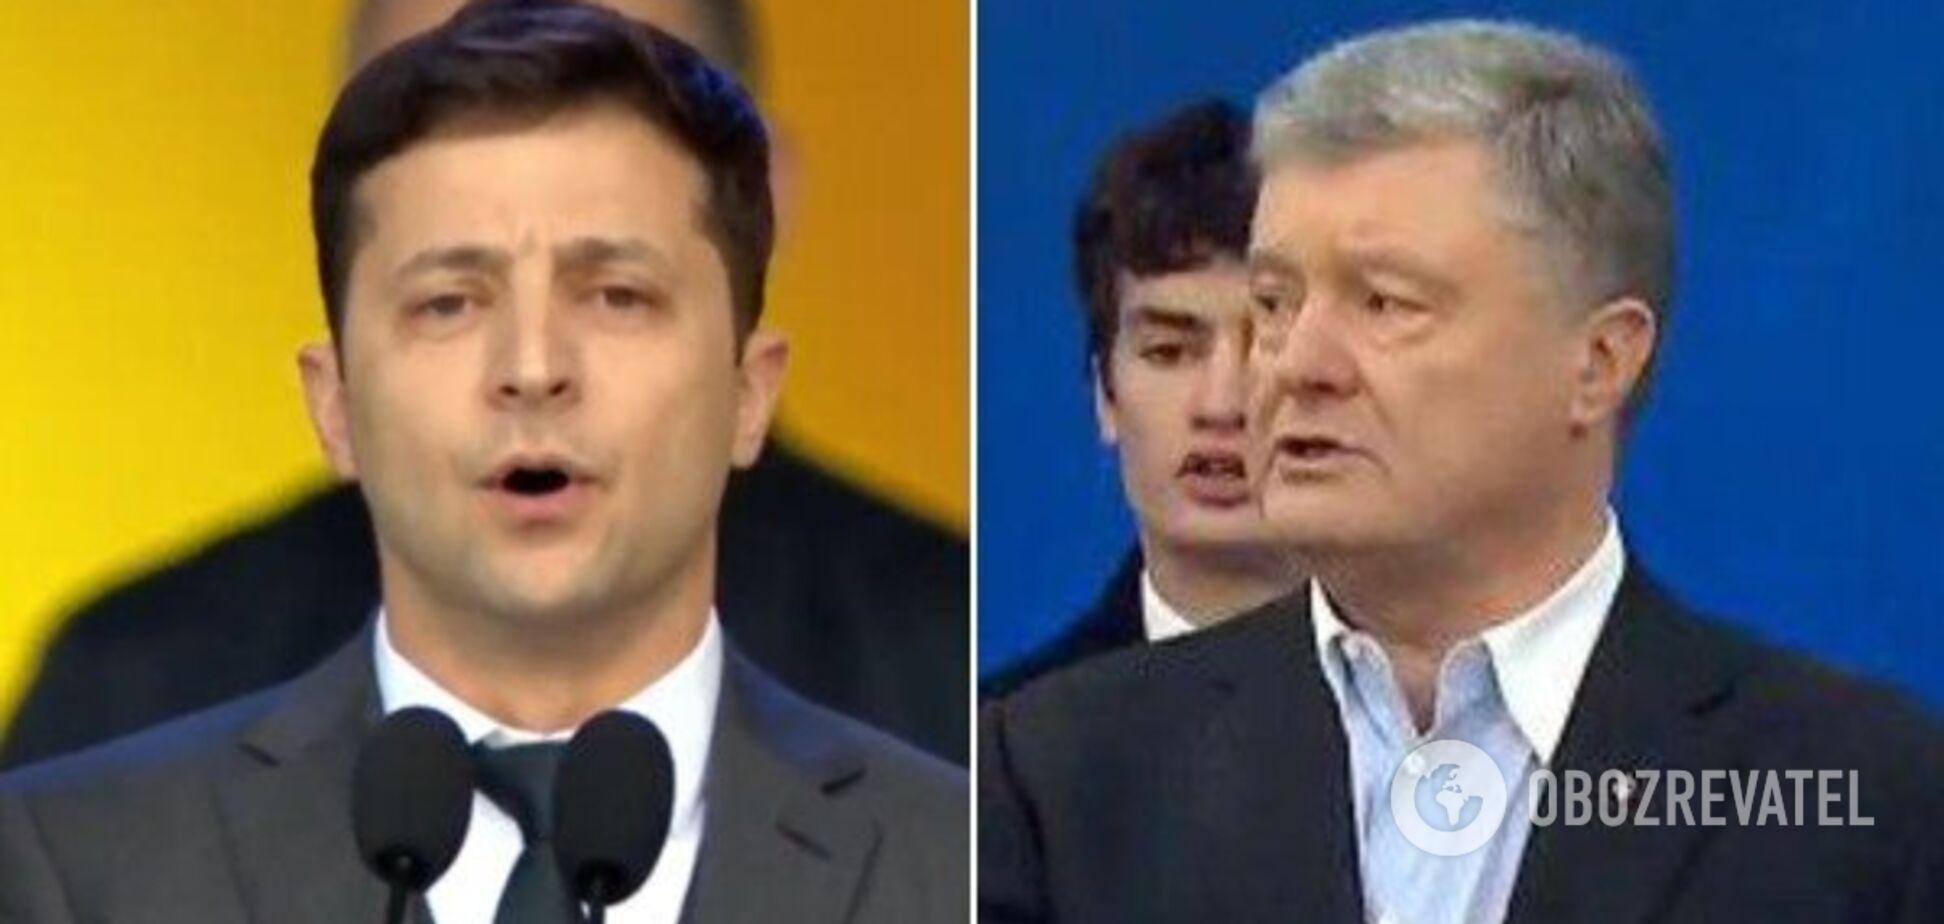 Стало известно, почему Зеленский потребовал дебатов на 'Олимпийском'